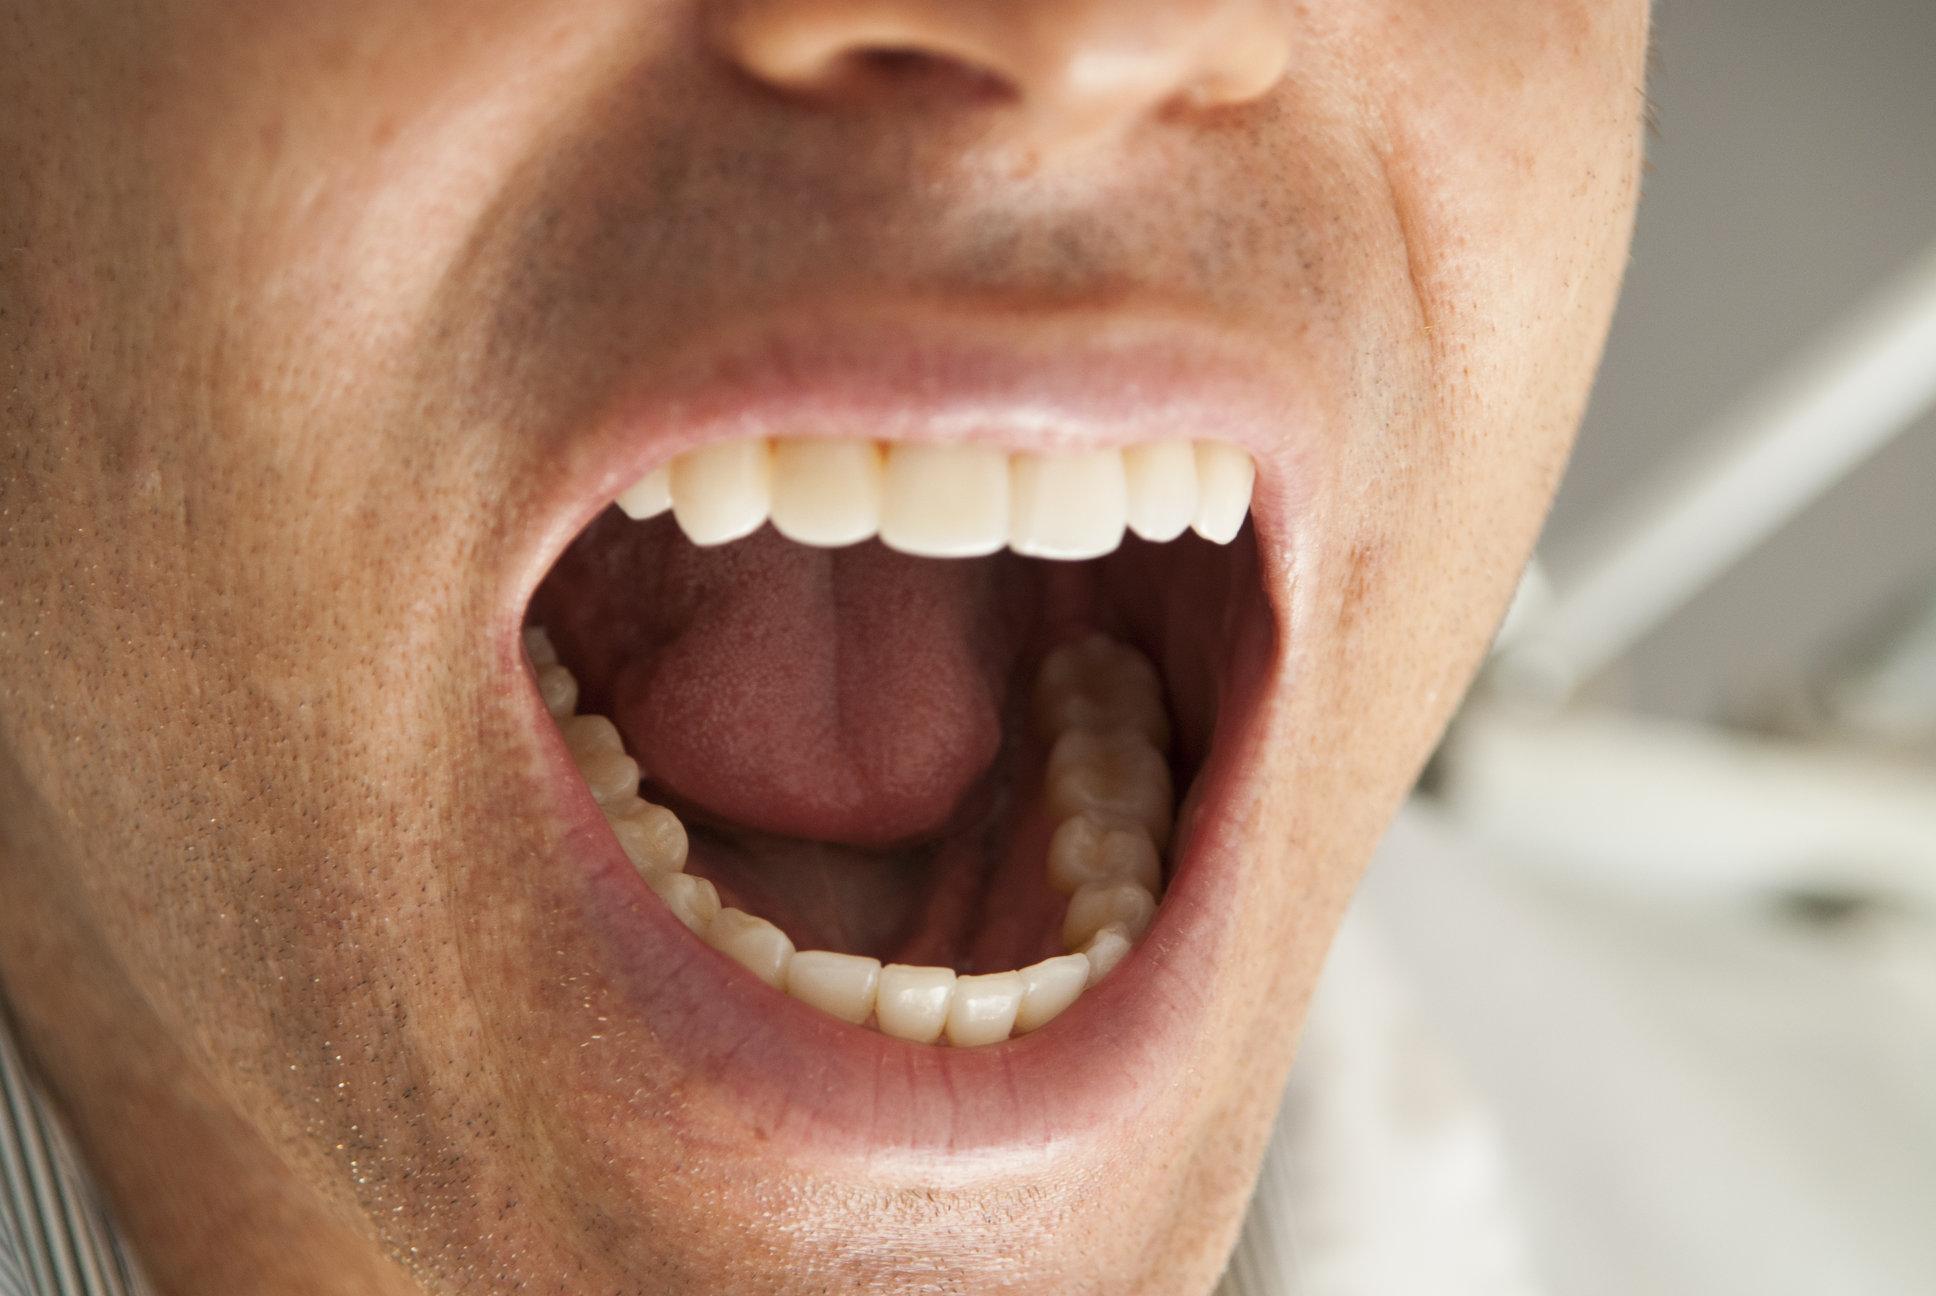 картинка мужик с открытым ртом результате девочка выпрыгнула